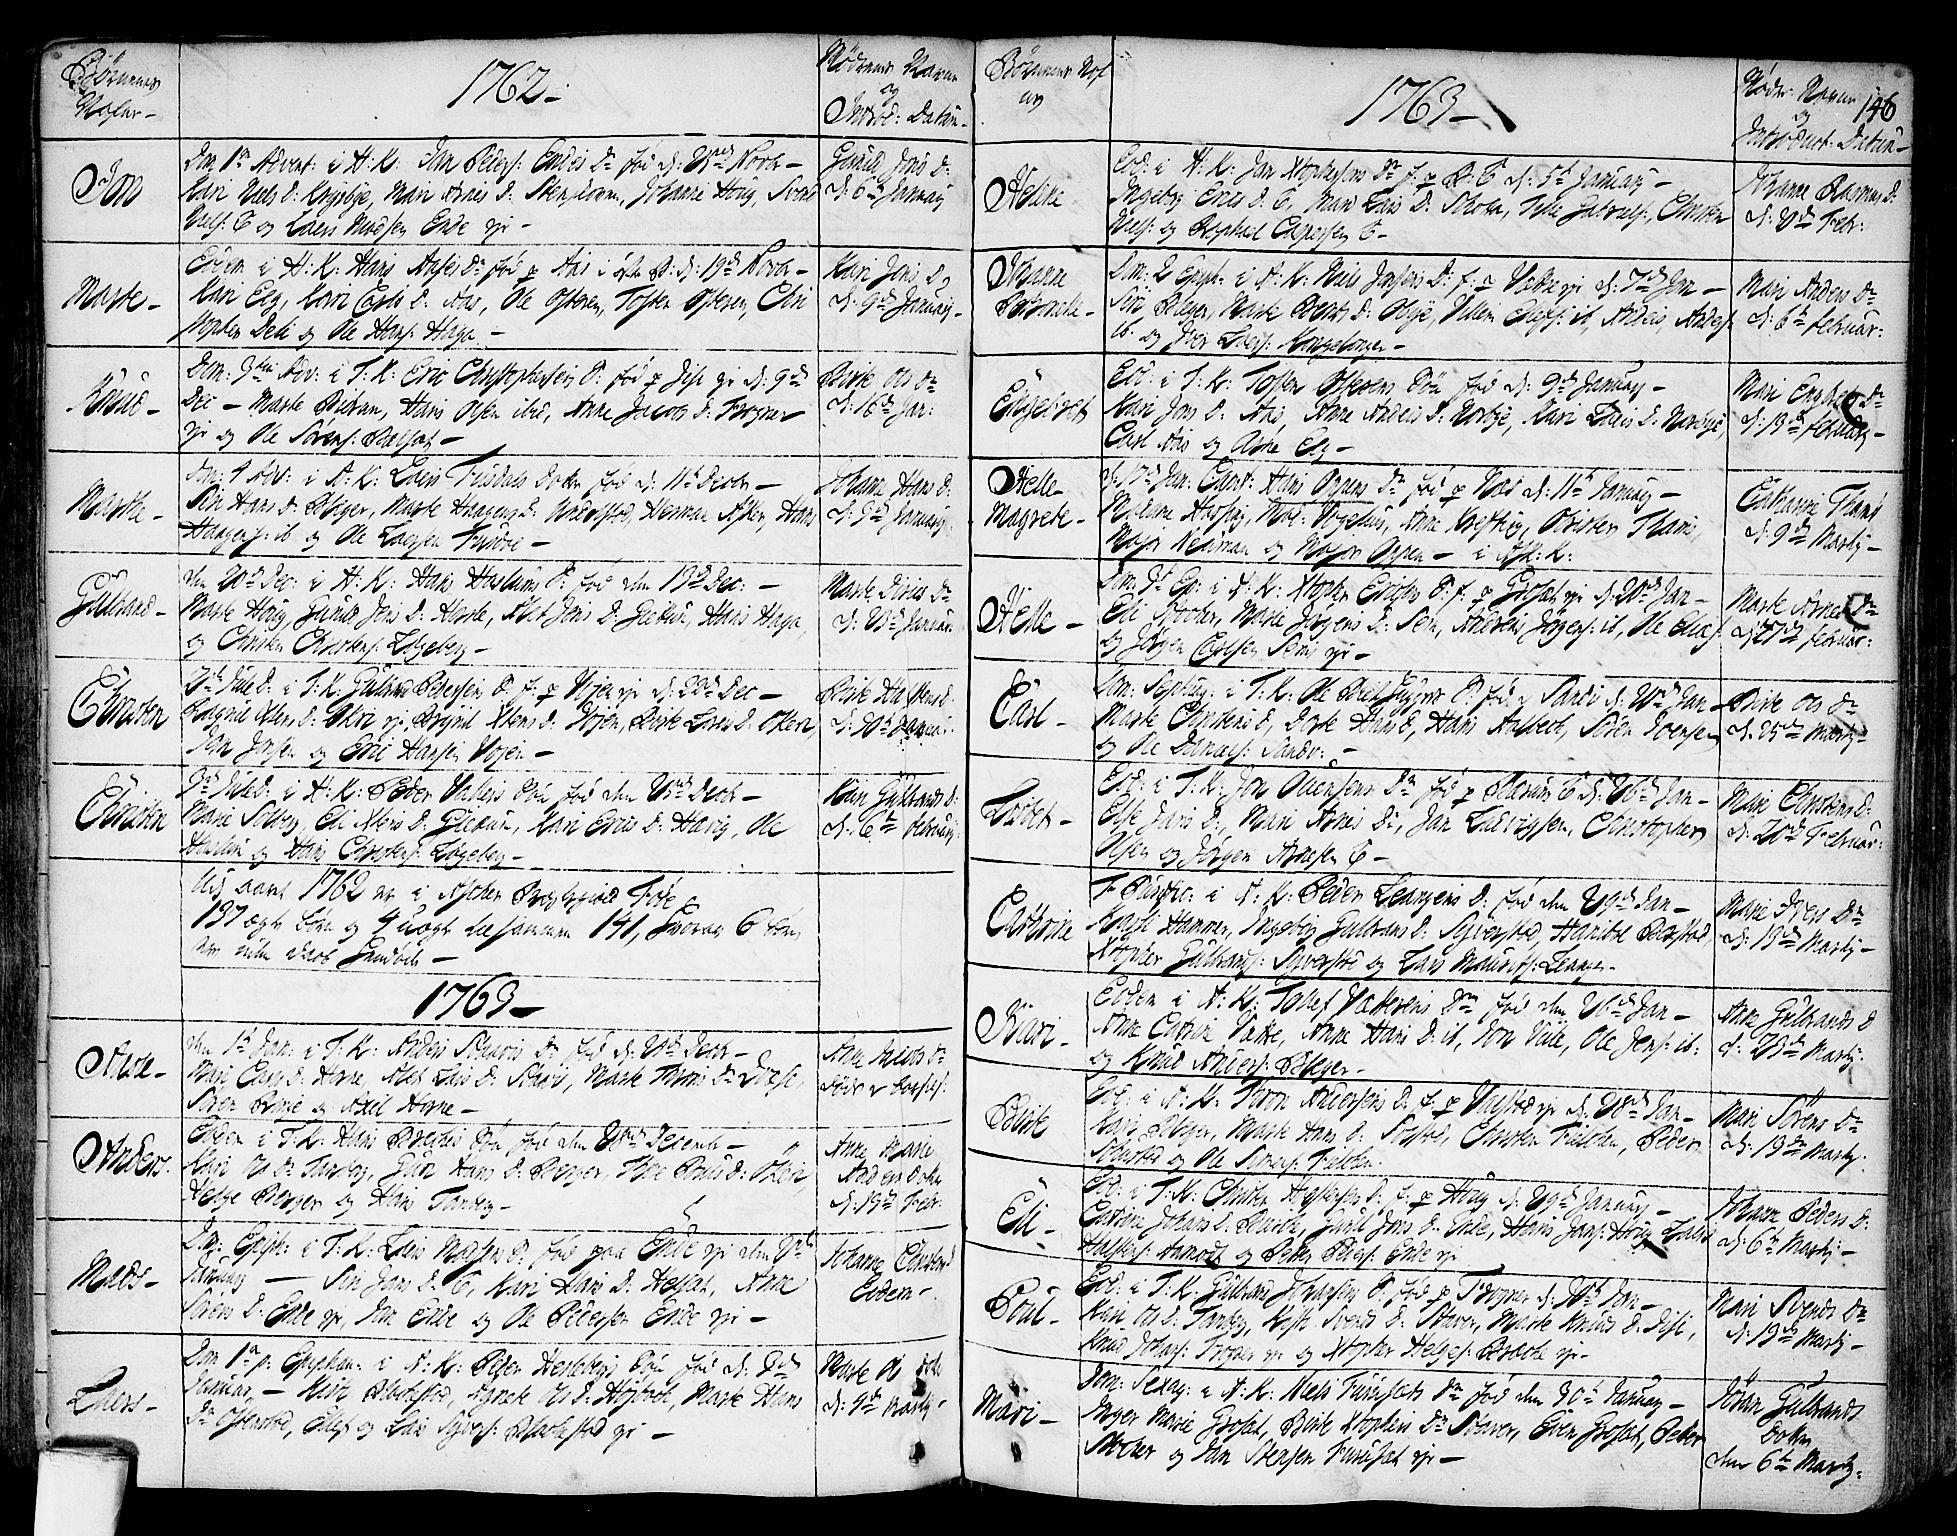 SAO, Asker prestekontor Kirkebøker, F/Fa/L0002: Ministerialbok nr. I 2, 1733-1766, s. 146